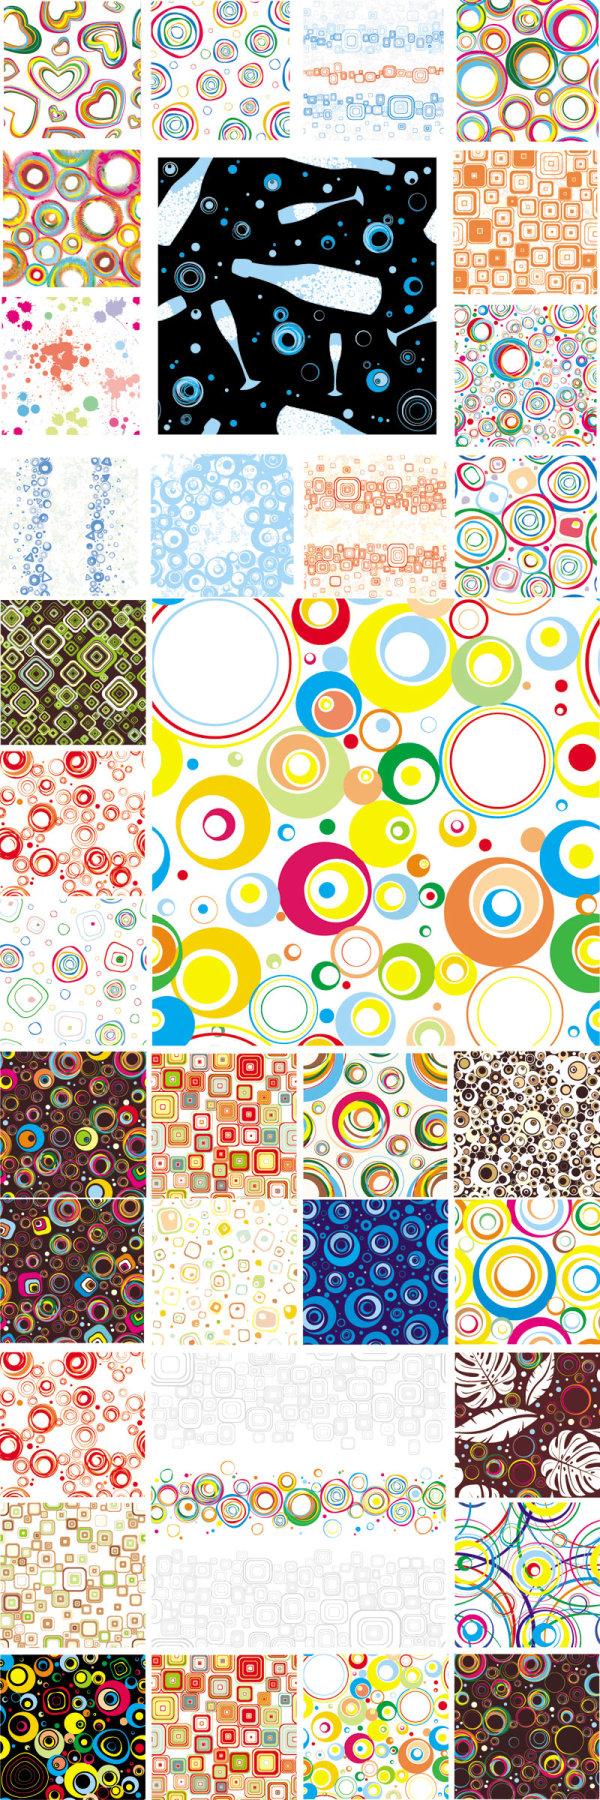 Variété colorée de la conception graphique - matériel de vecteur